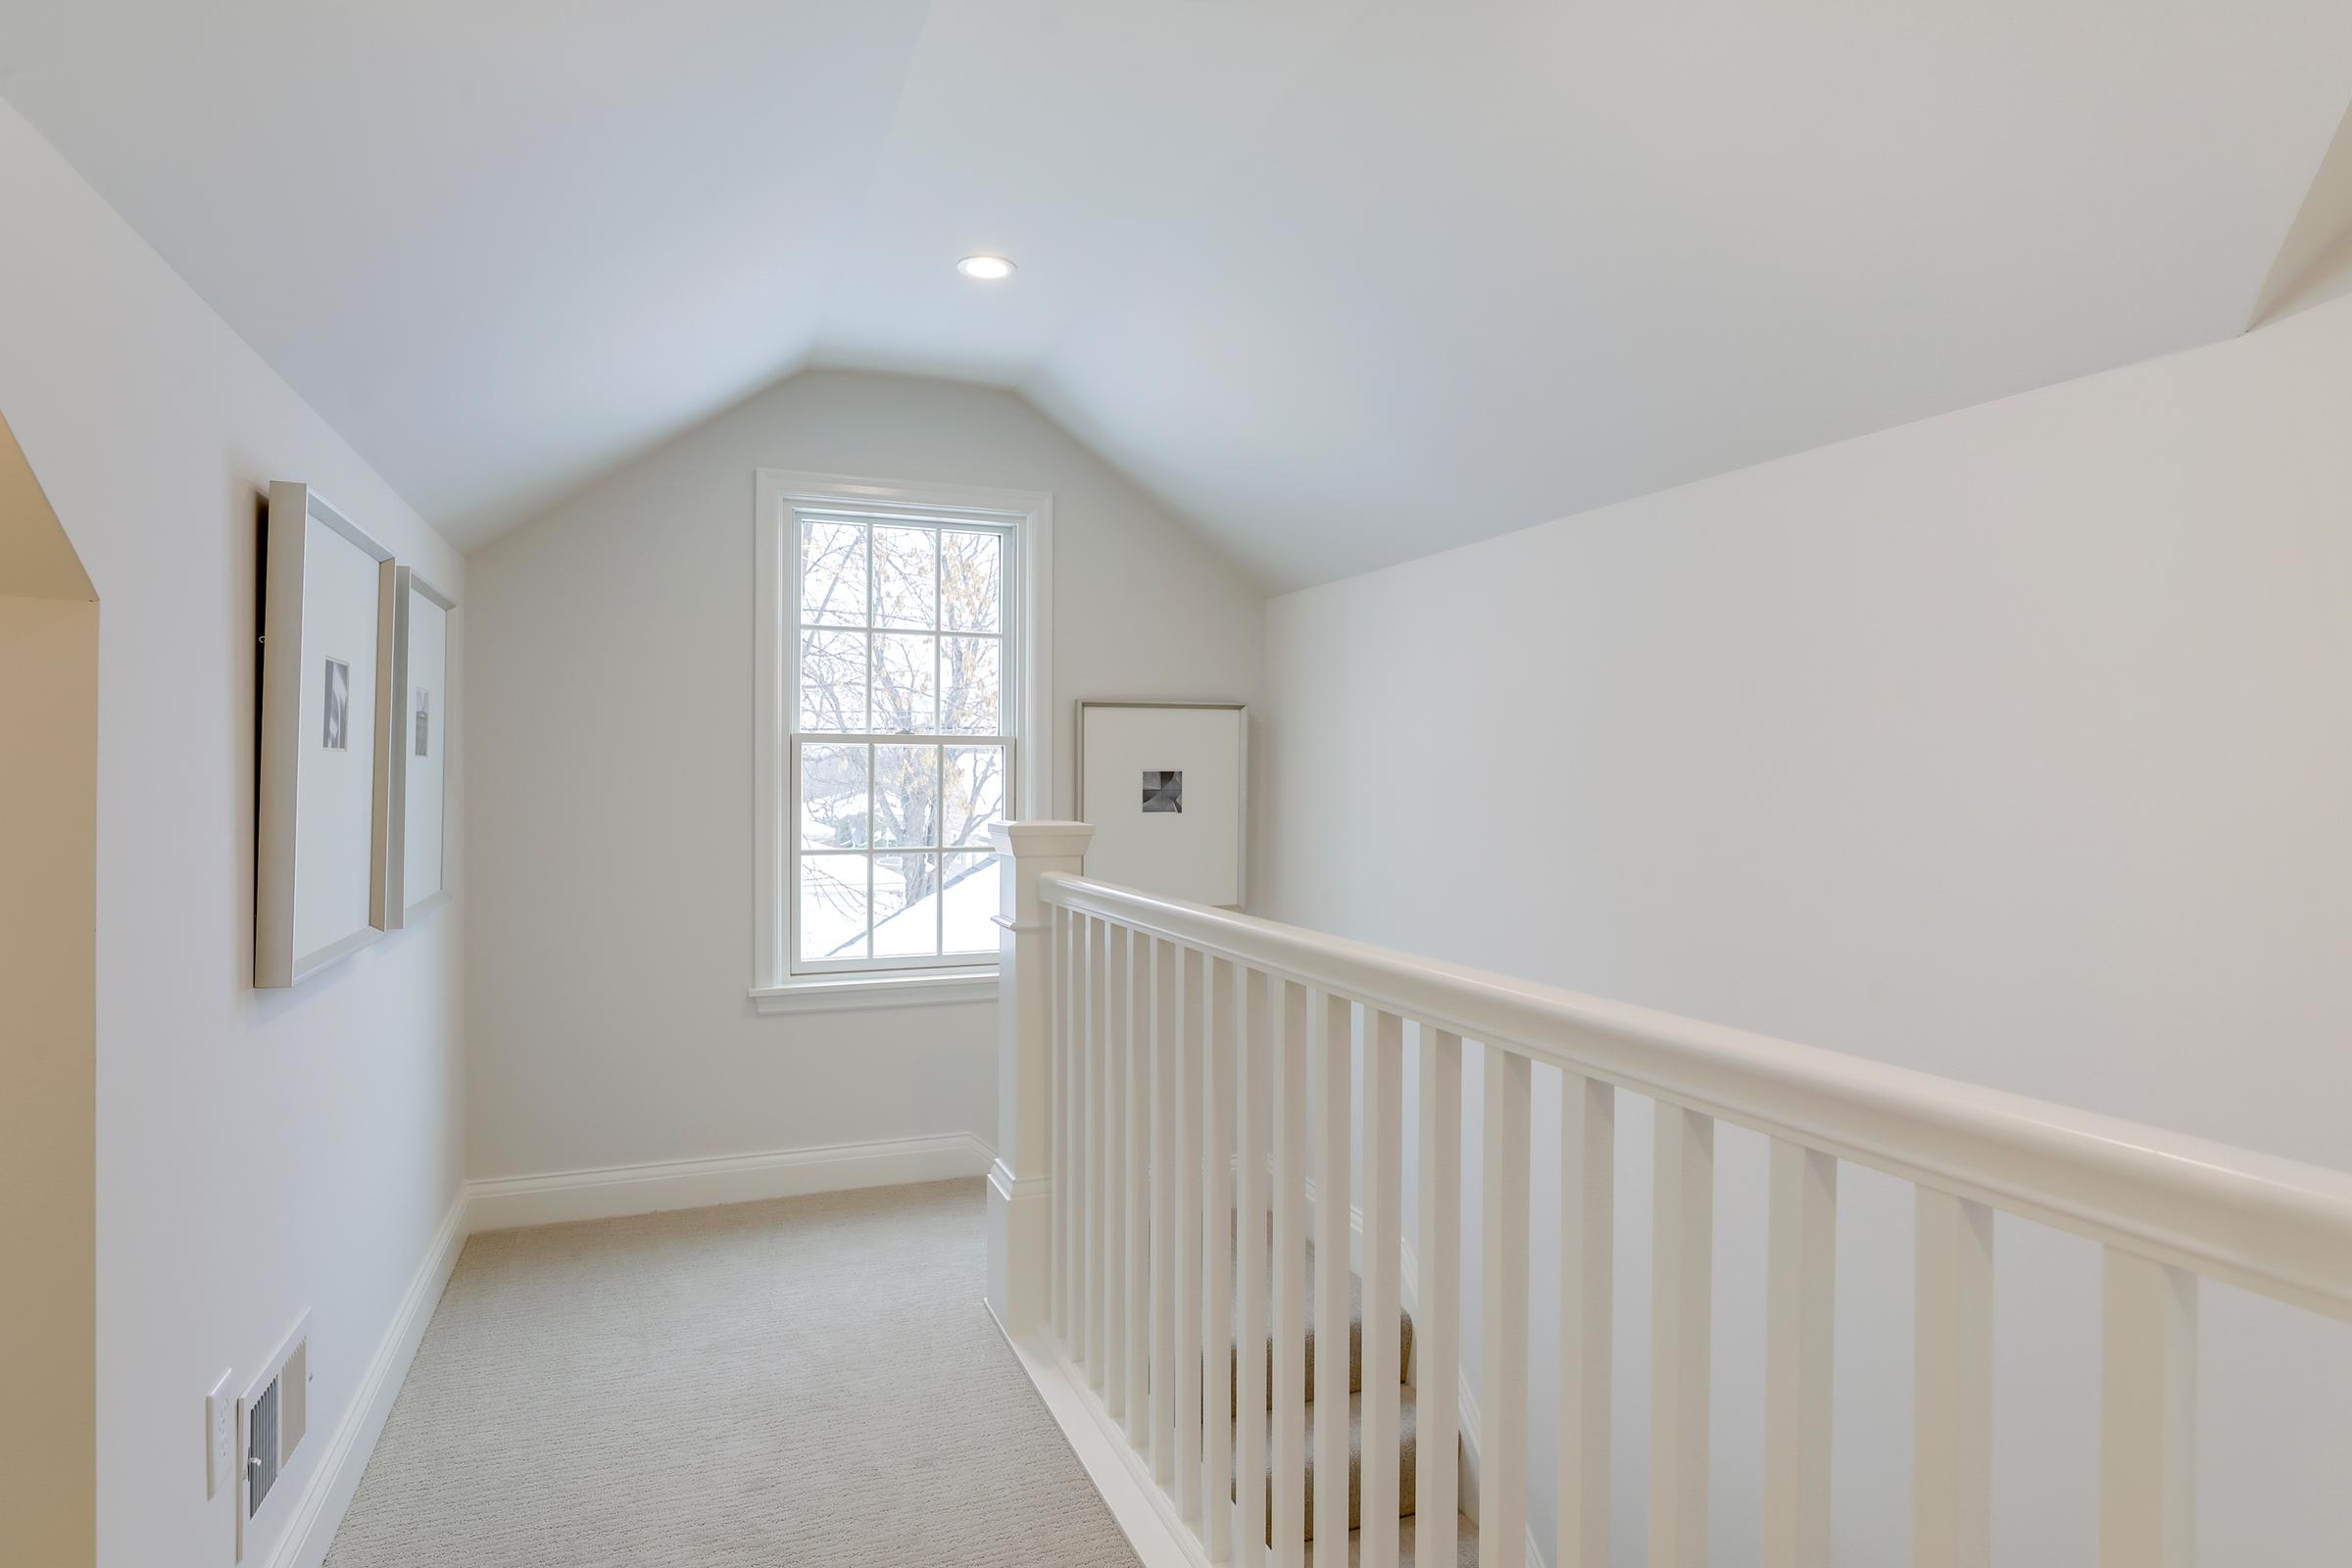 13-stairs.jpg